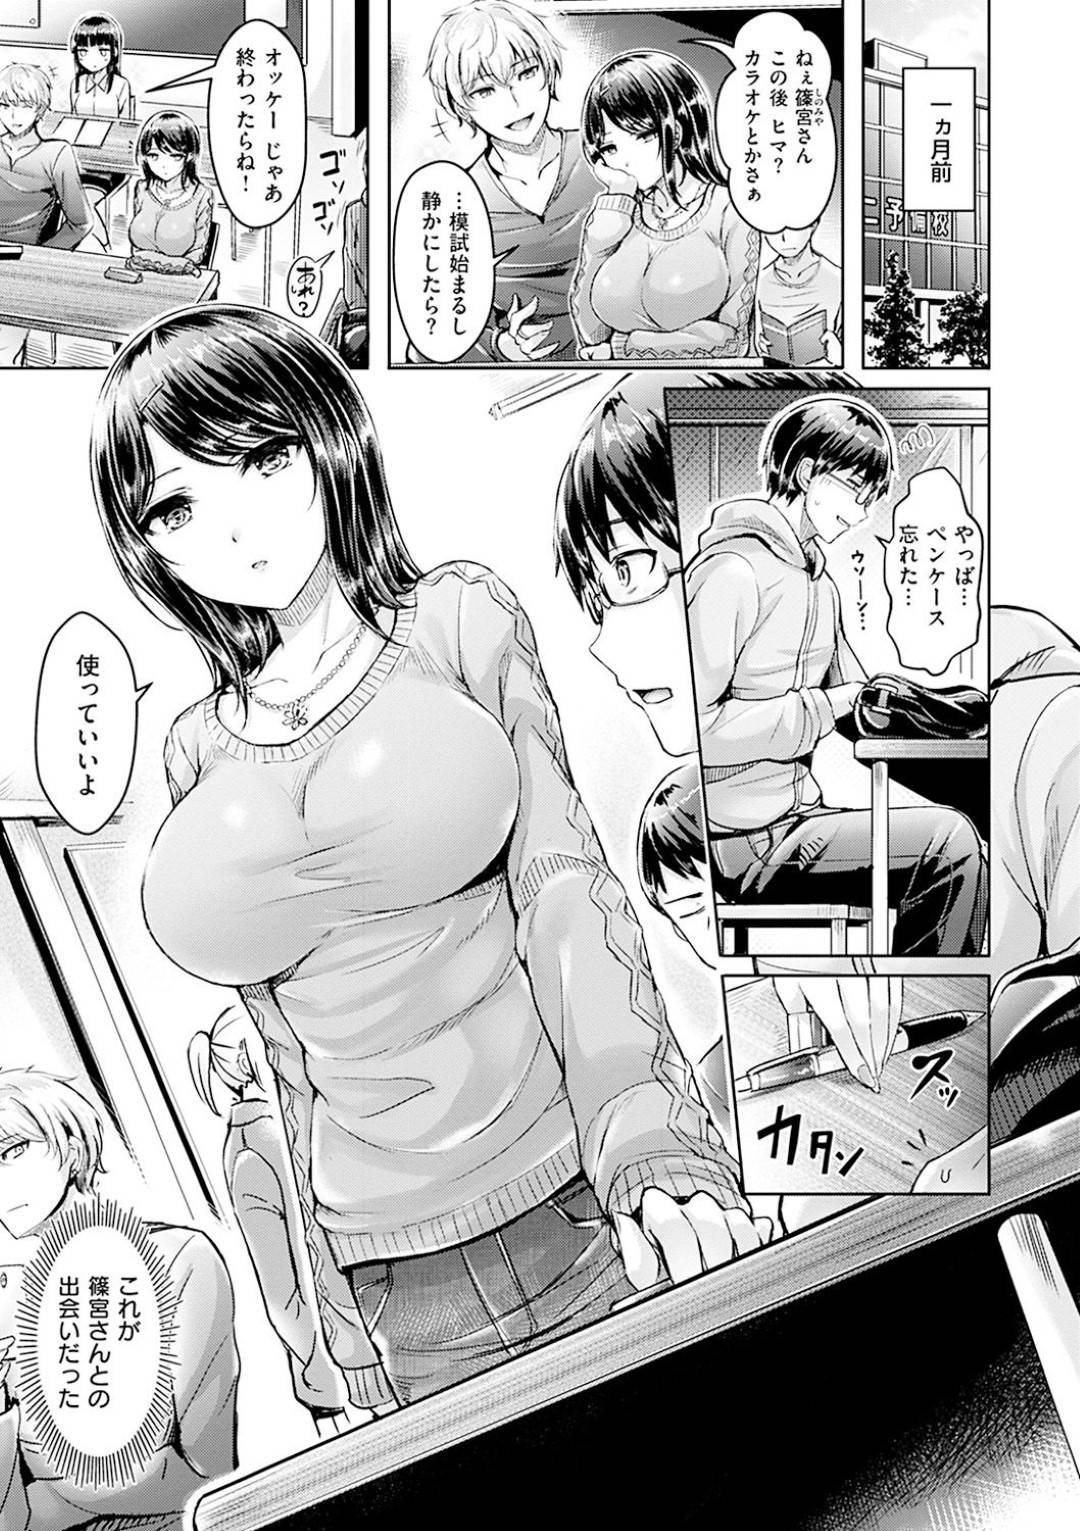 【エロ漫画】予備校で同じクラスの冴えない男子に告白され付き合うことになった爆乳美女…告白された流れで押し倒されそのままセックスする流れに!初めてのセックスでゴムがないため外出しで初々しく激しいセックス!【オクモト悠太】